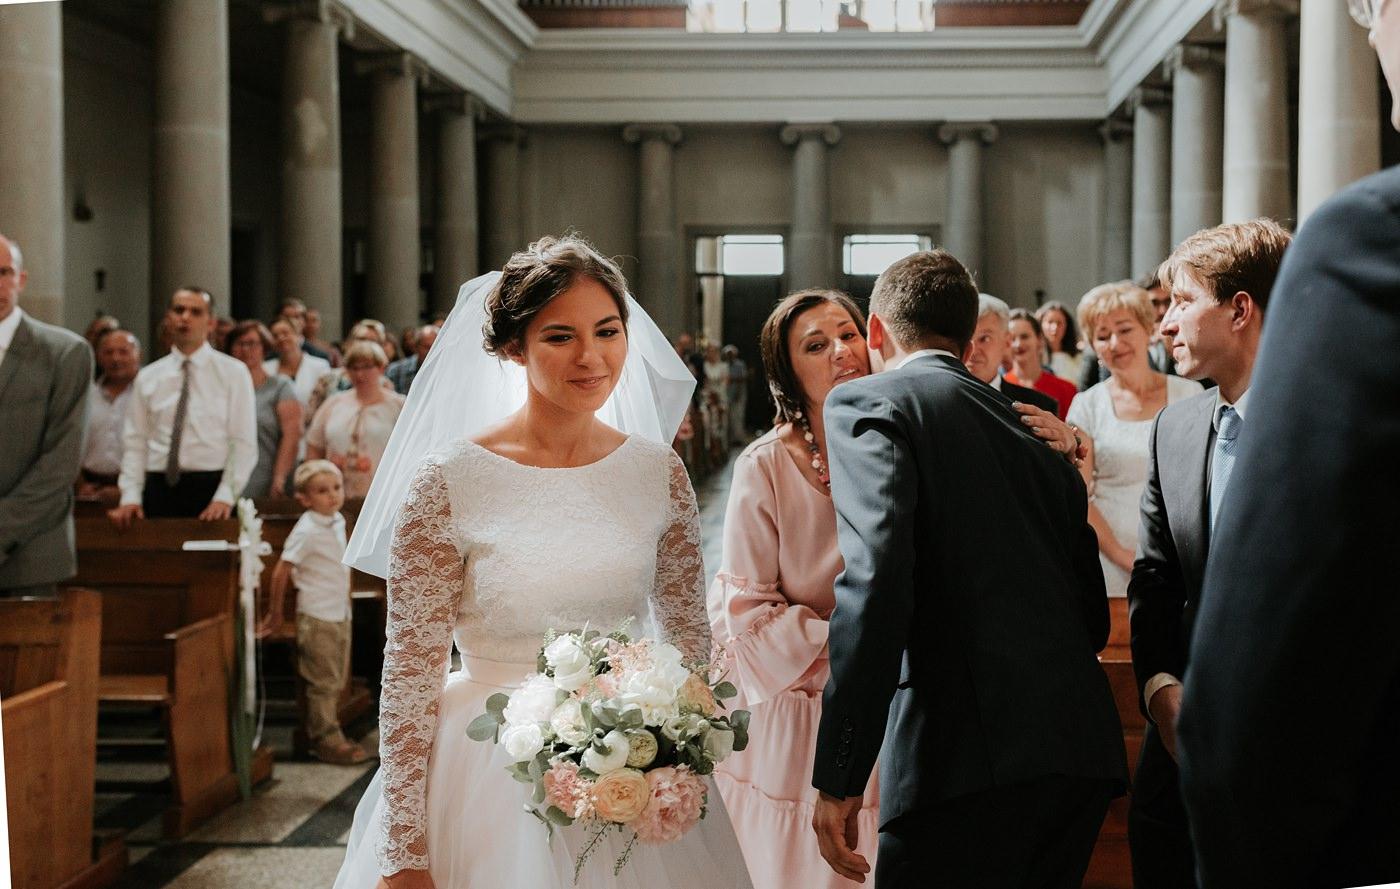 Dominika & Aleksander - Rustykalne wesele w stodole - Baborówko 62